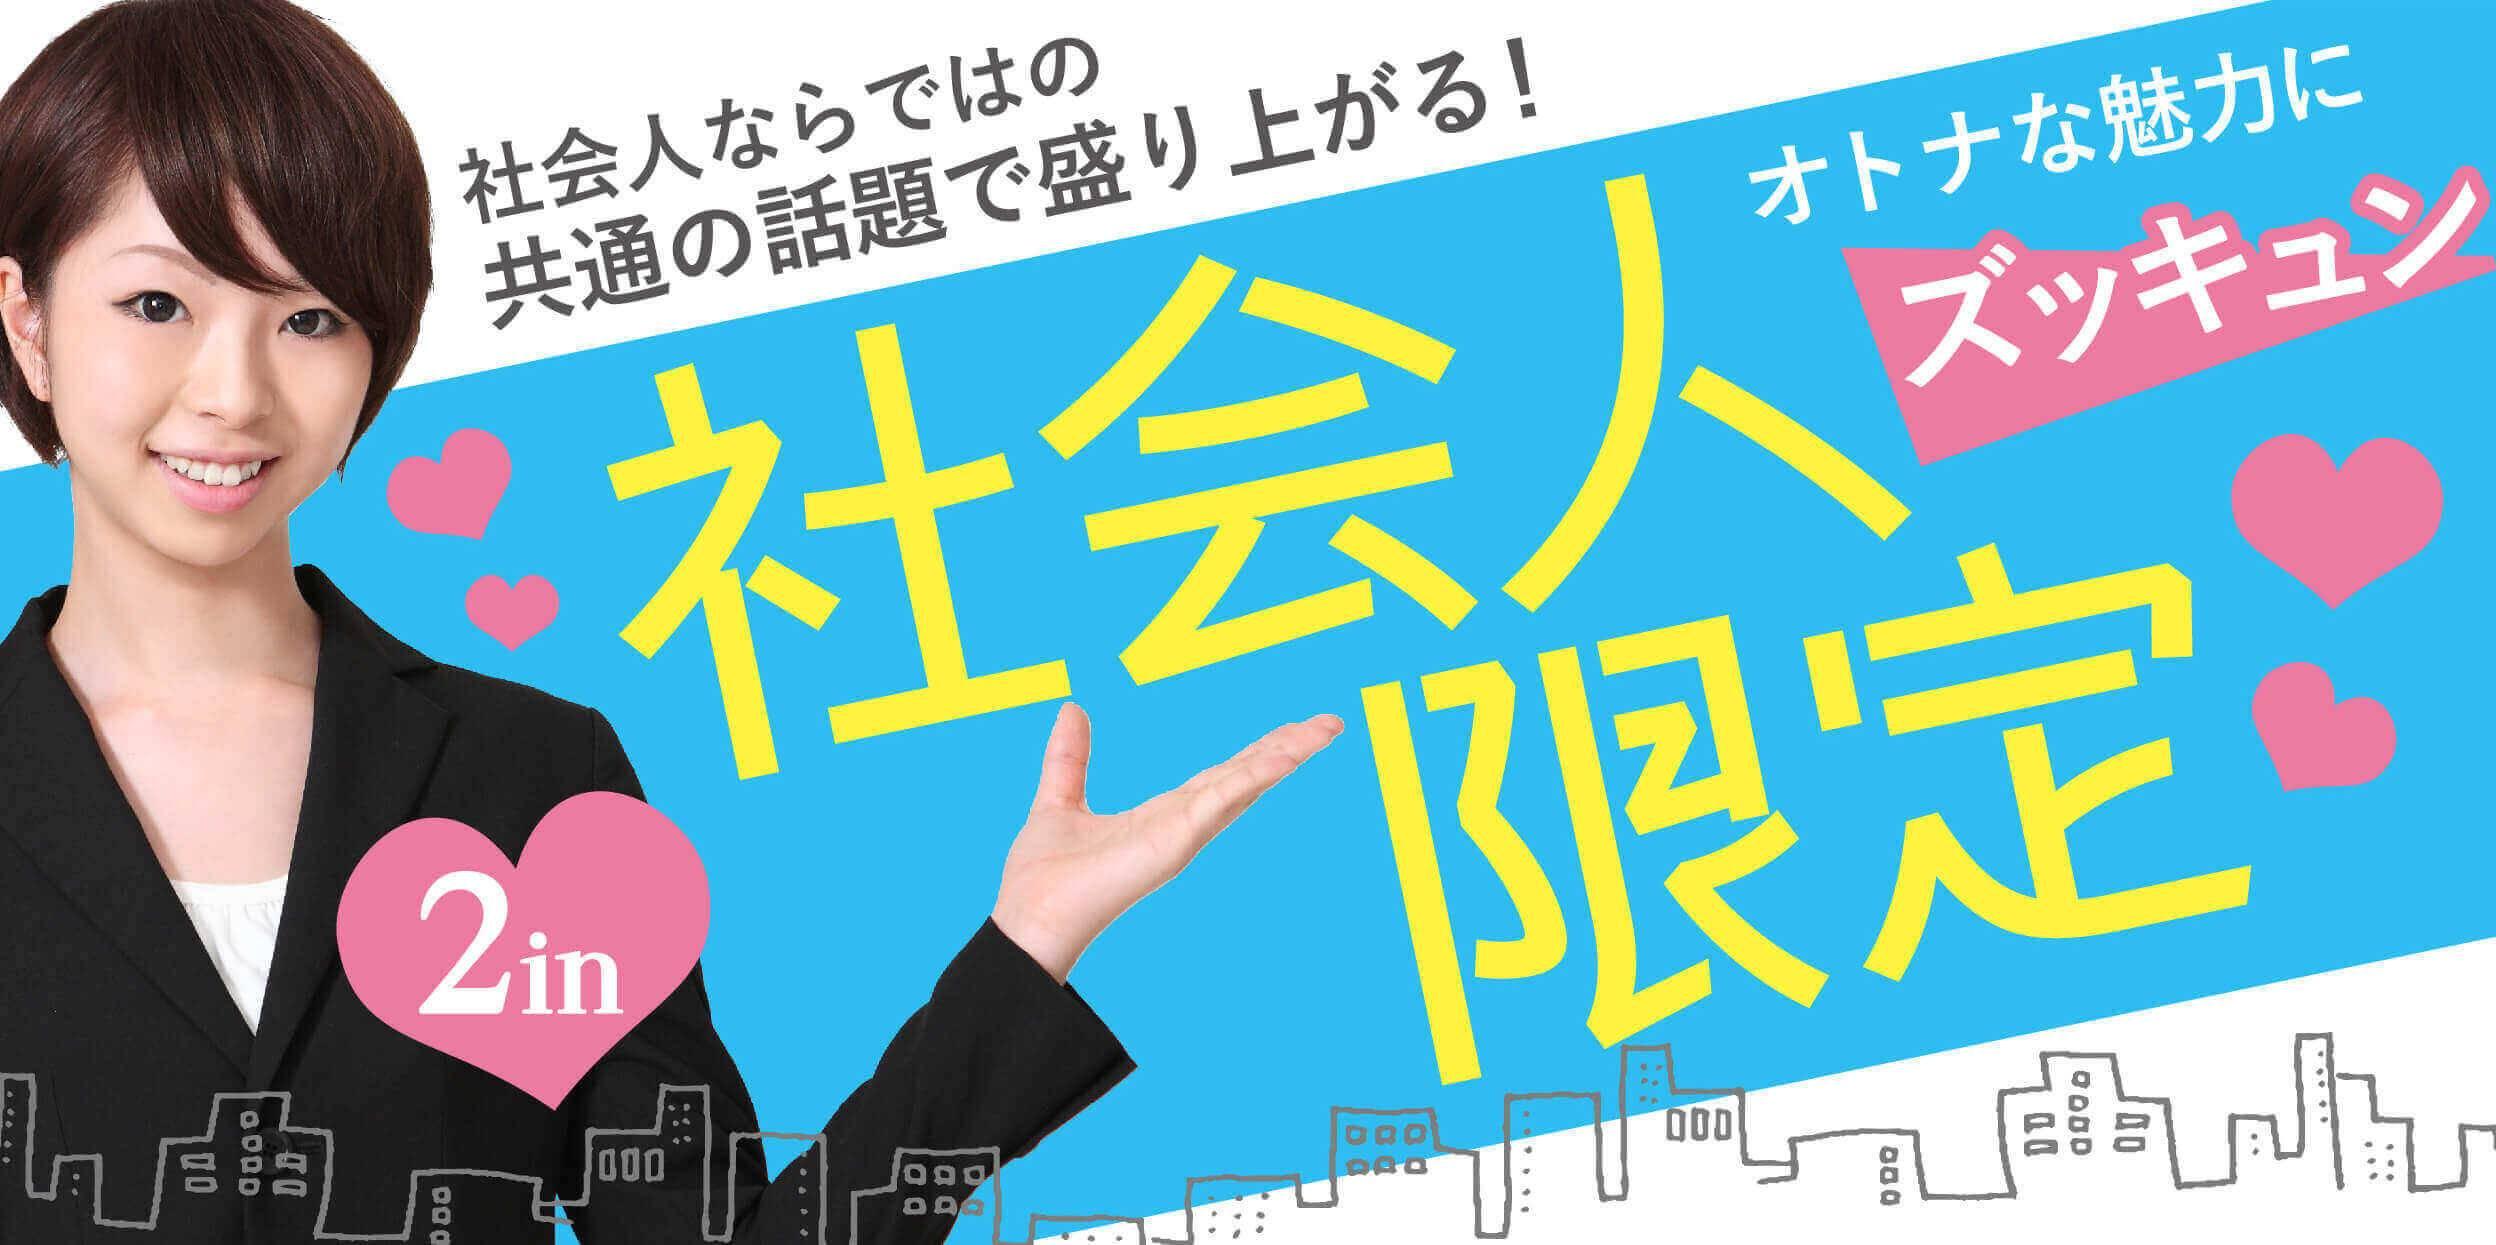 【初参加・一人参加大歓迎♪♪】6月30日(金)素敵な大人の社会人限定コンin広島〜大人な出逢い★社会人同士だからこそできる話もたくさん〜